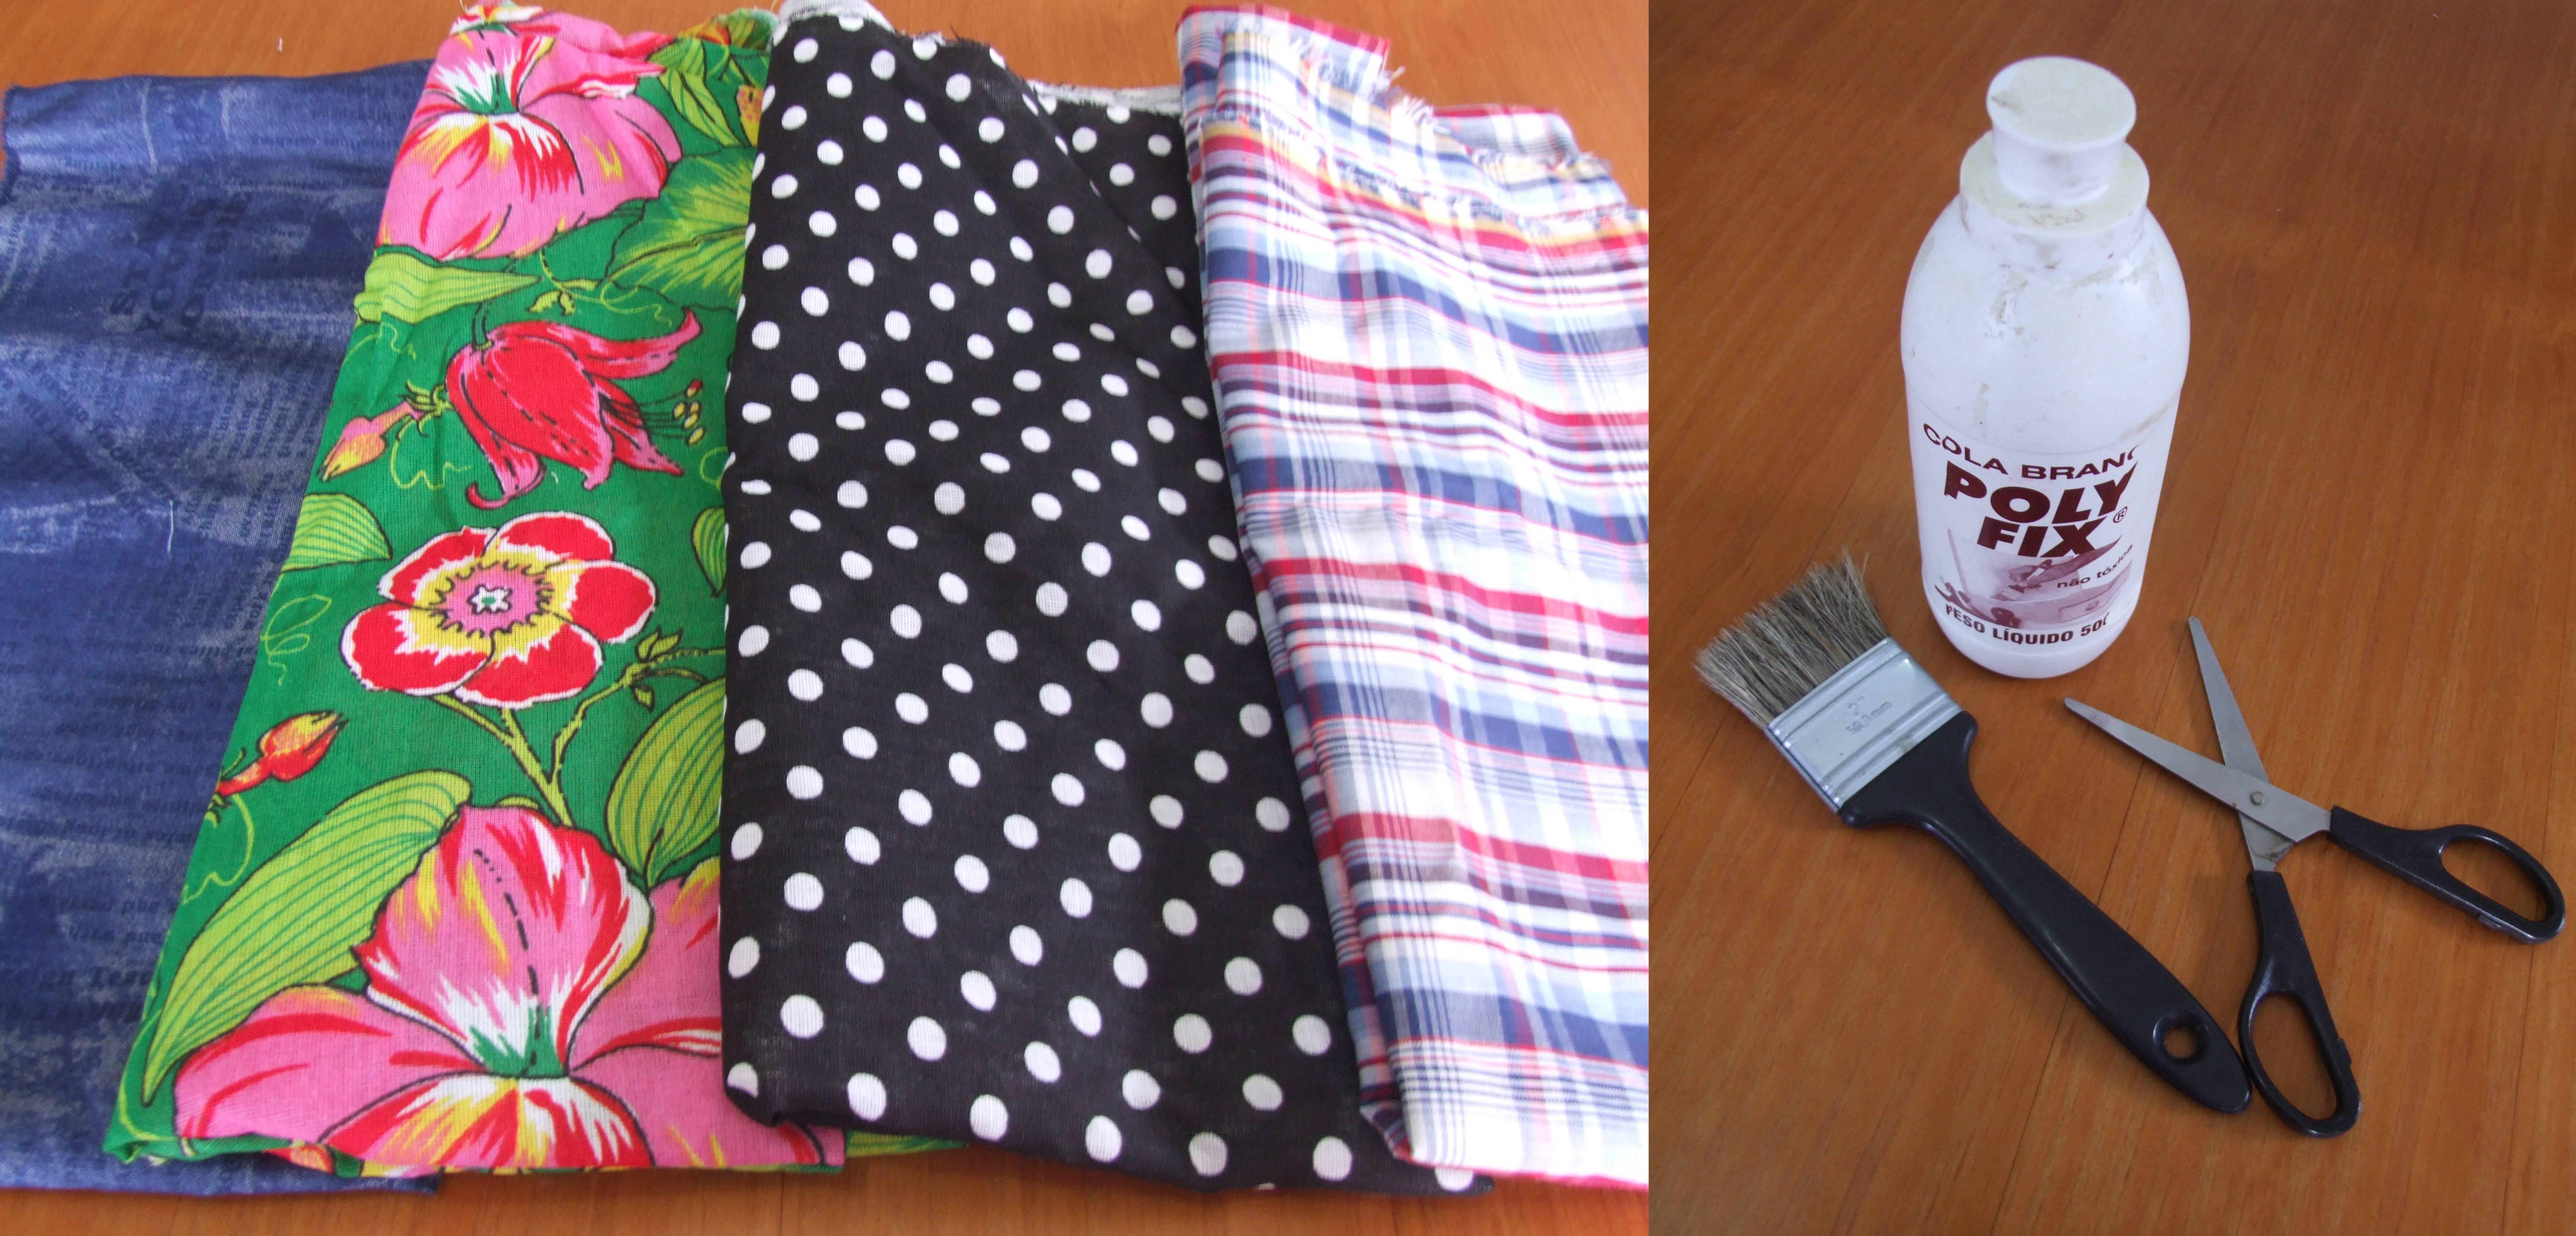 #A42770 Moda também em casa – aprenda a cobrir cadeiras com tecido 7267x3488 px cola para cadeira de madeira @ bernauer.info Móveis Antigos Novos E Usados Online